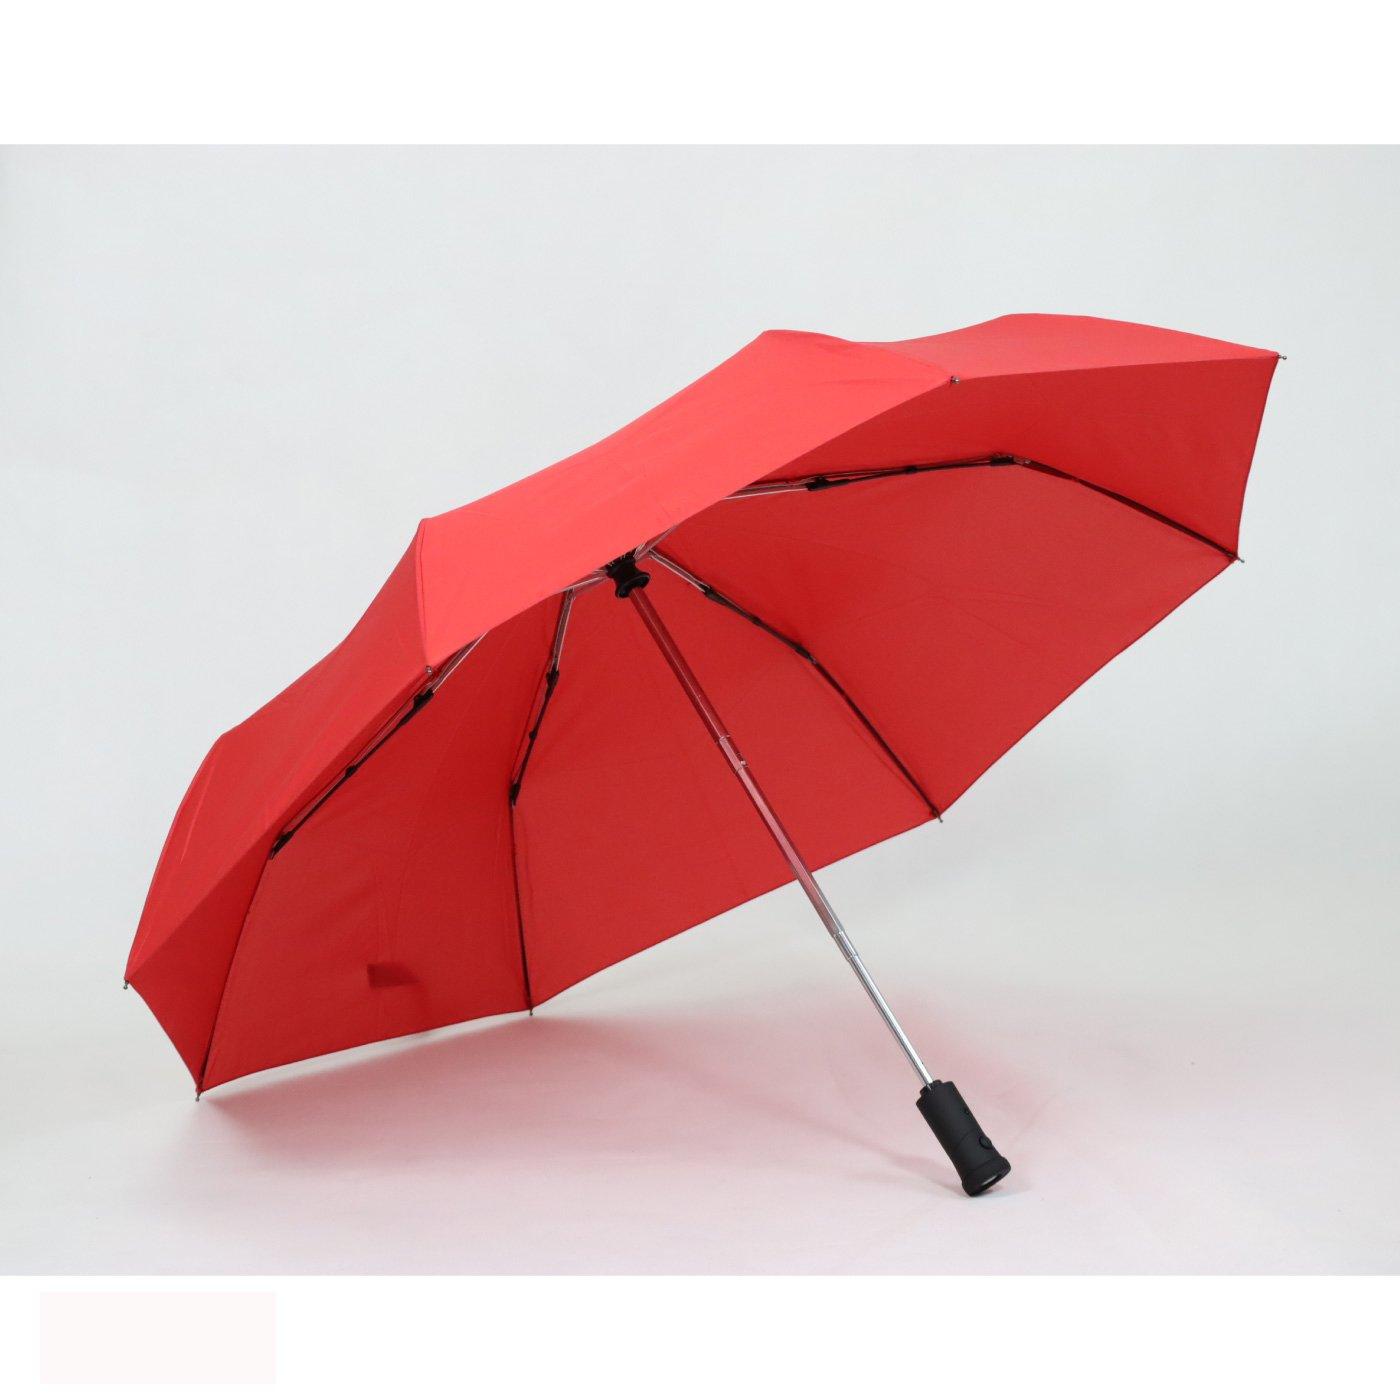 ワンプッシュでパッと開閉 LEDライト付き折りたたみ傘